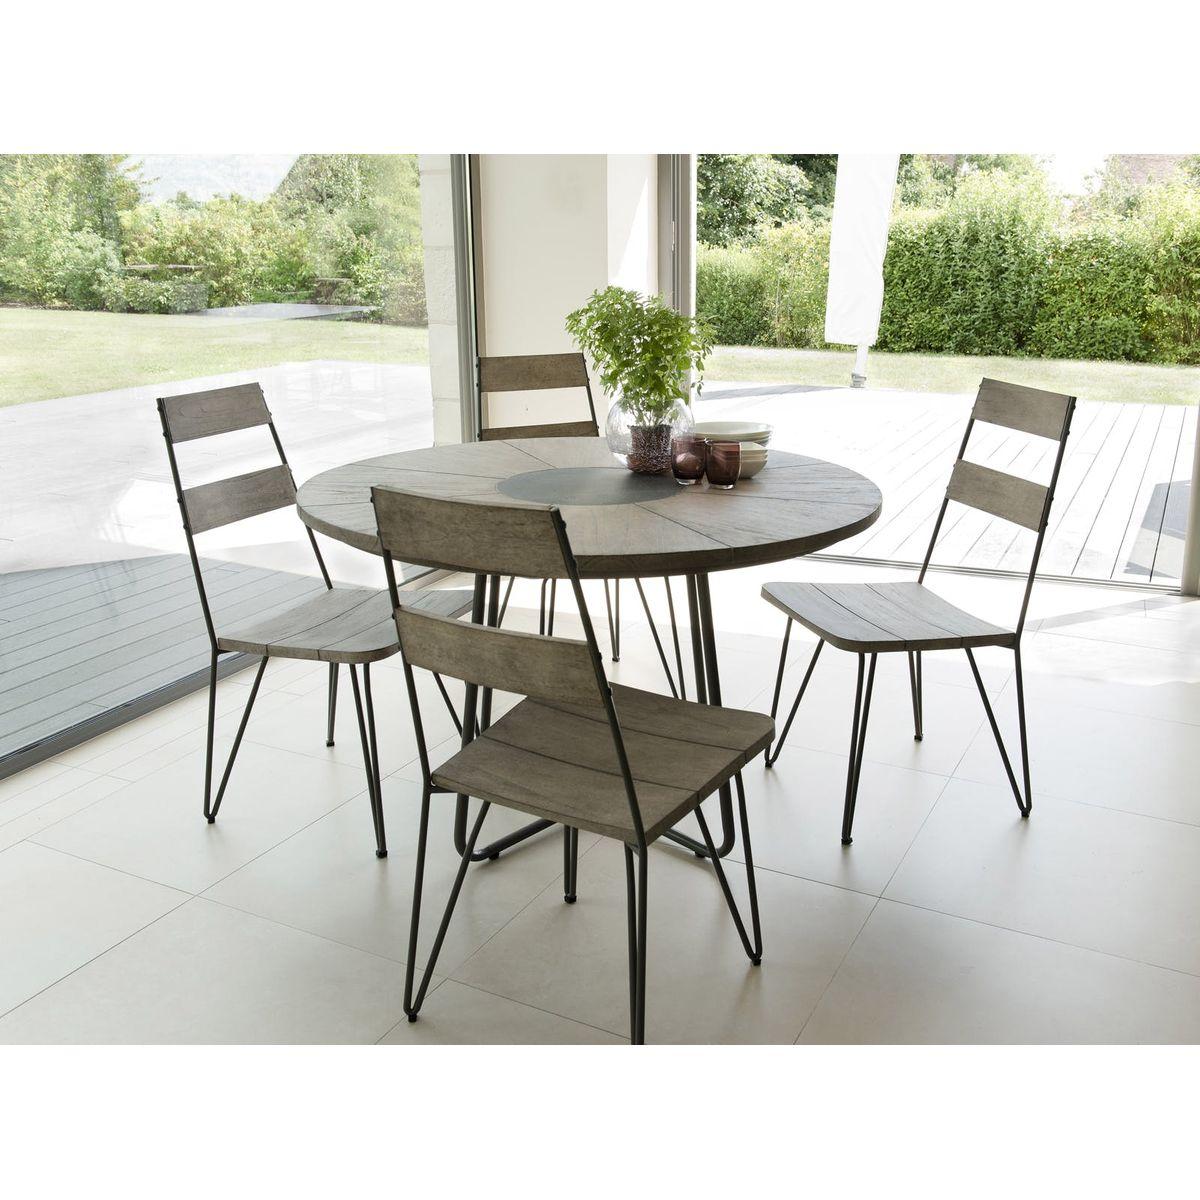 Salon de jardin table d\'extérieur ronde en bois teck grisé ...